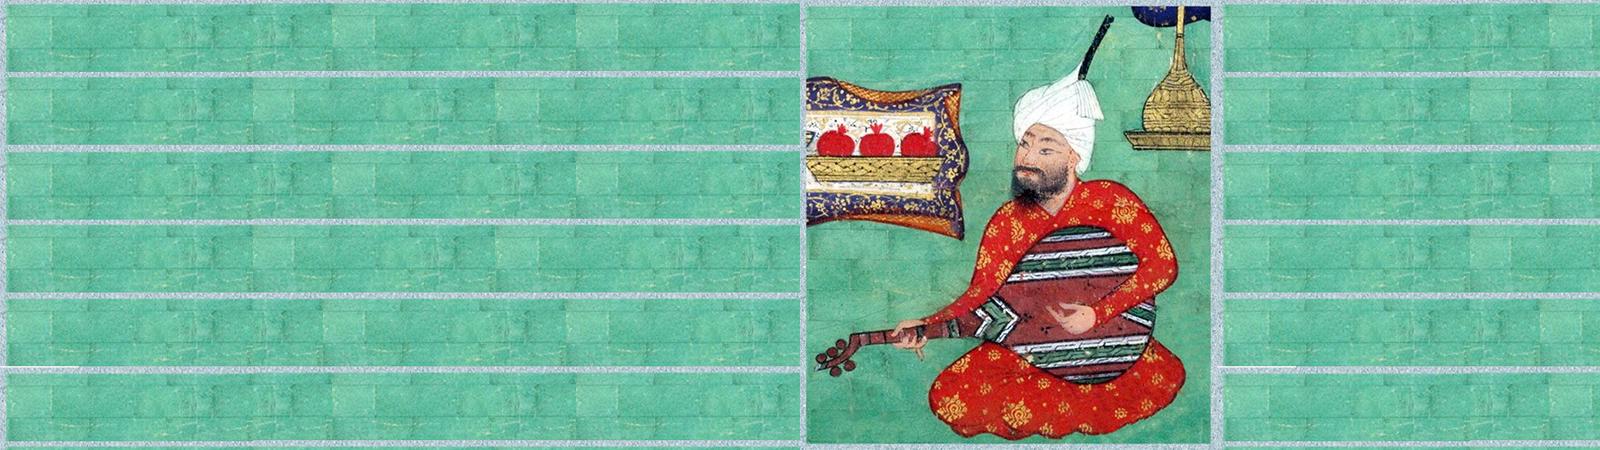 persian-classical-music